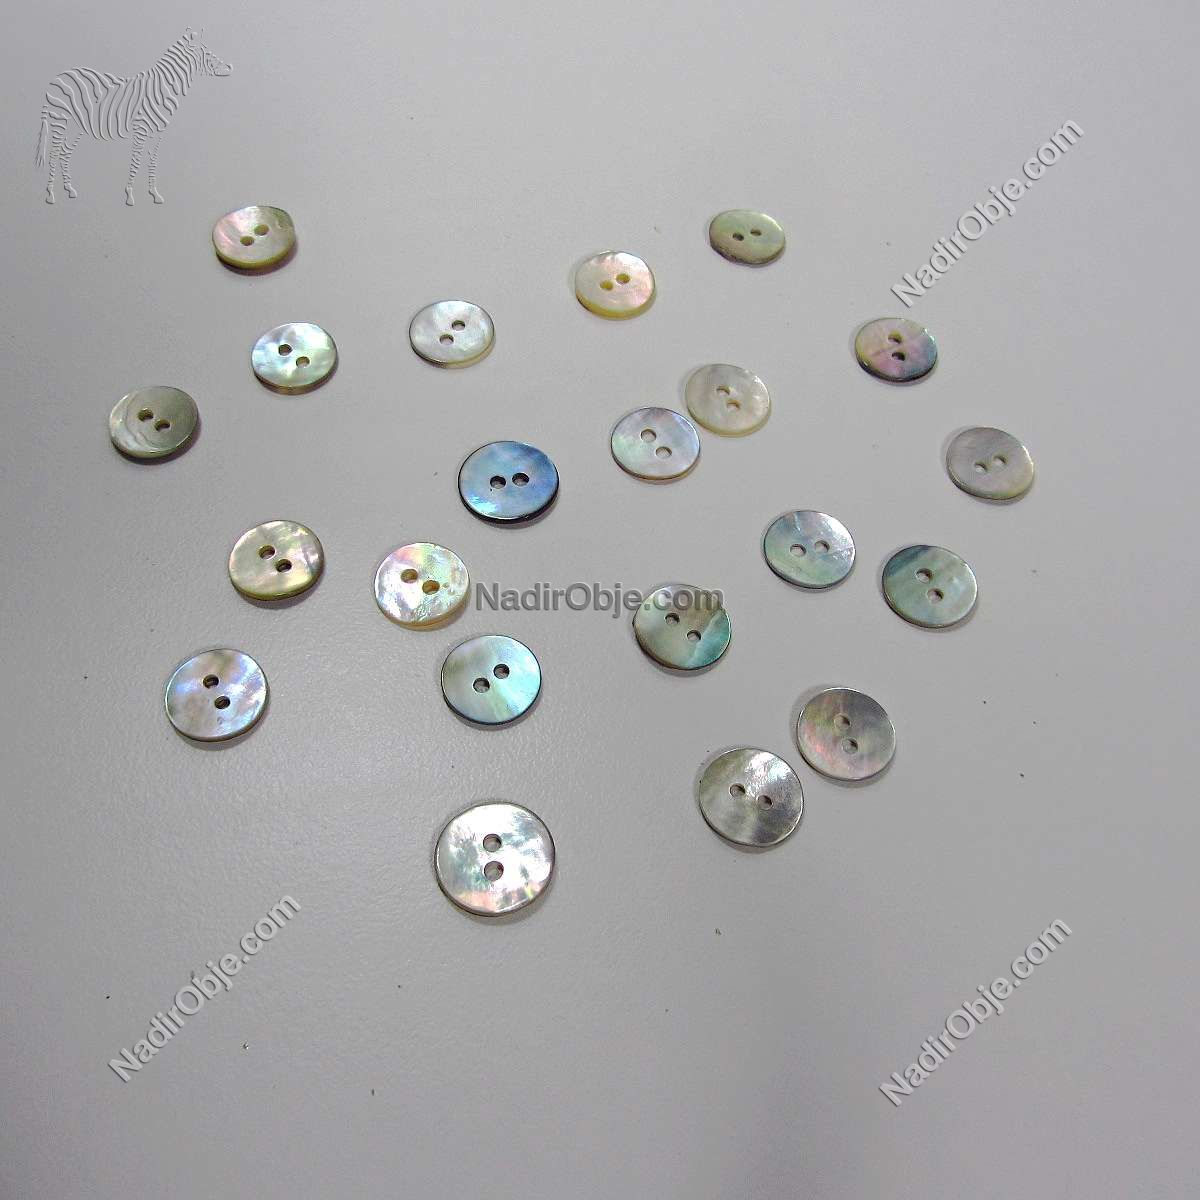 Sedef Düğme (12 mm) Cam-Taş Objeler Doğal